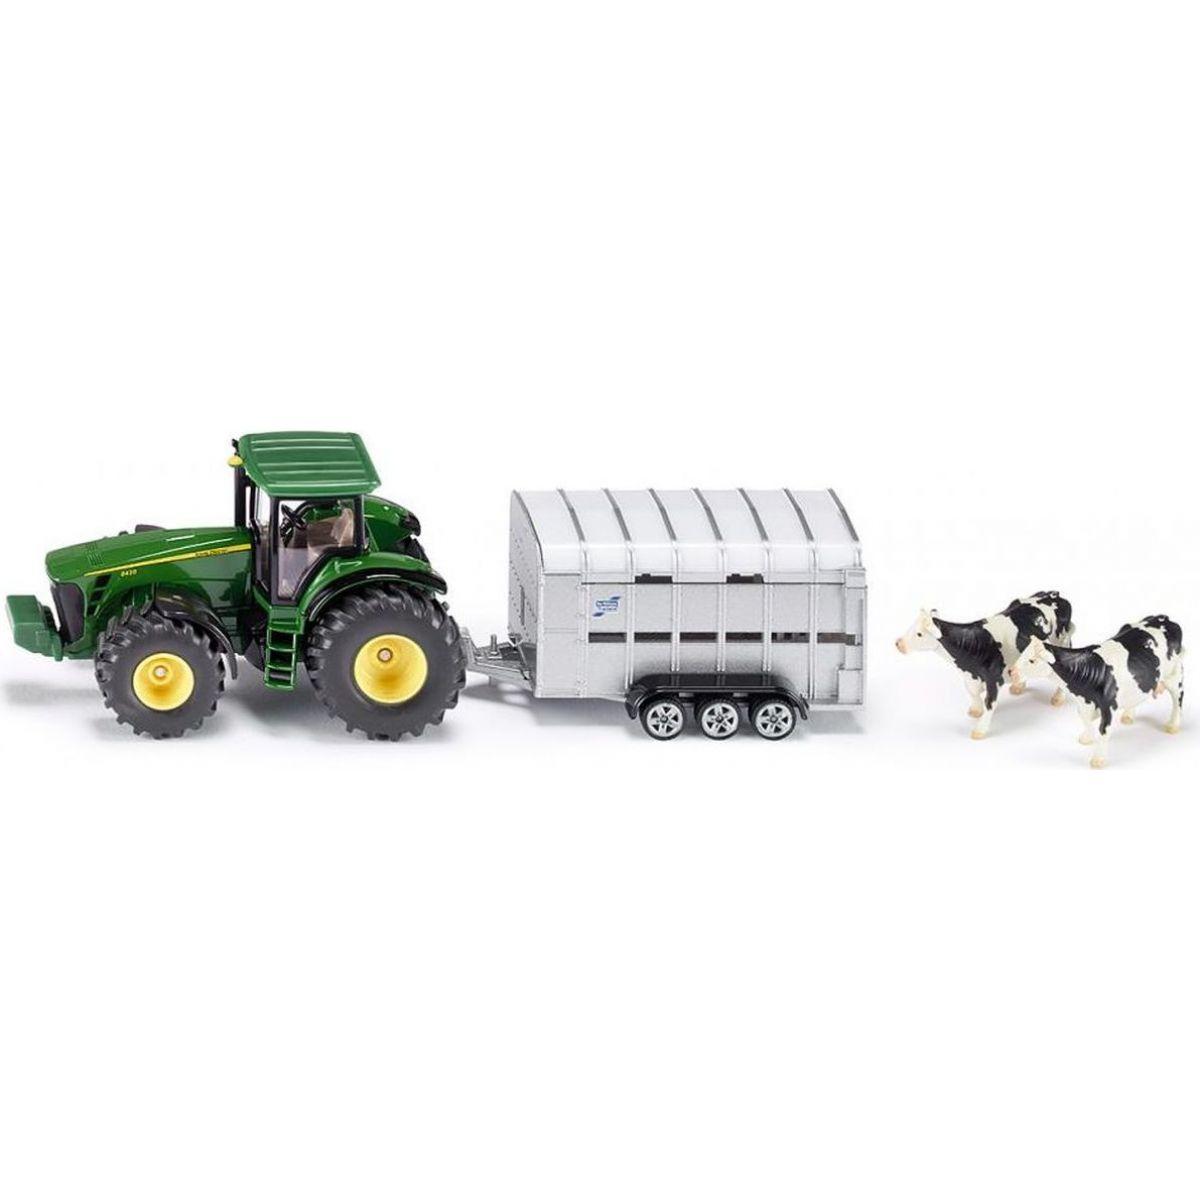 SIKU John Deere Super Traktor s přívěsem pro přepravu dobytka vč 2 krav 1:50 SIKU